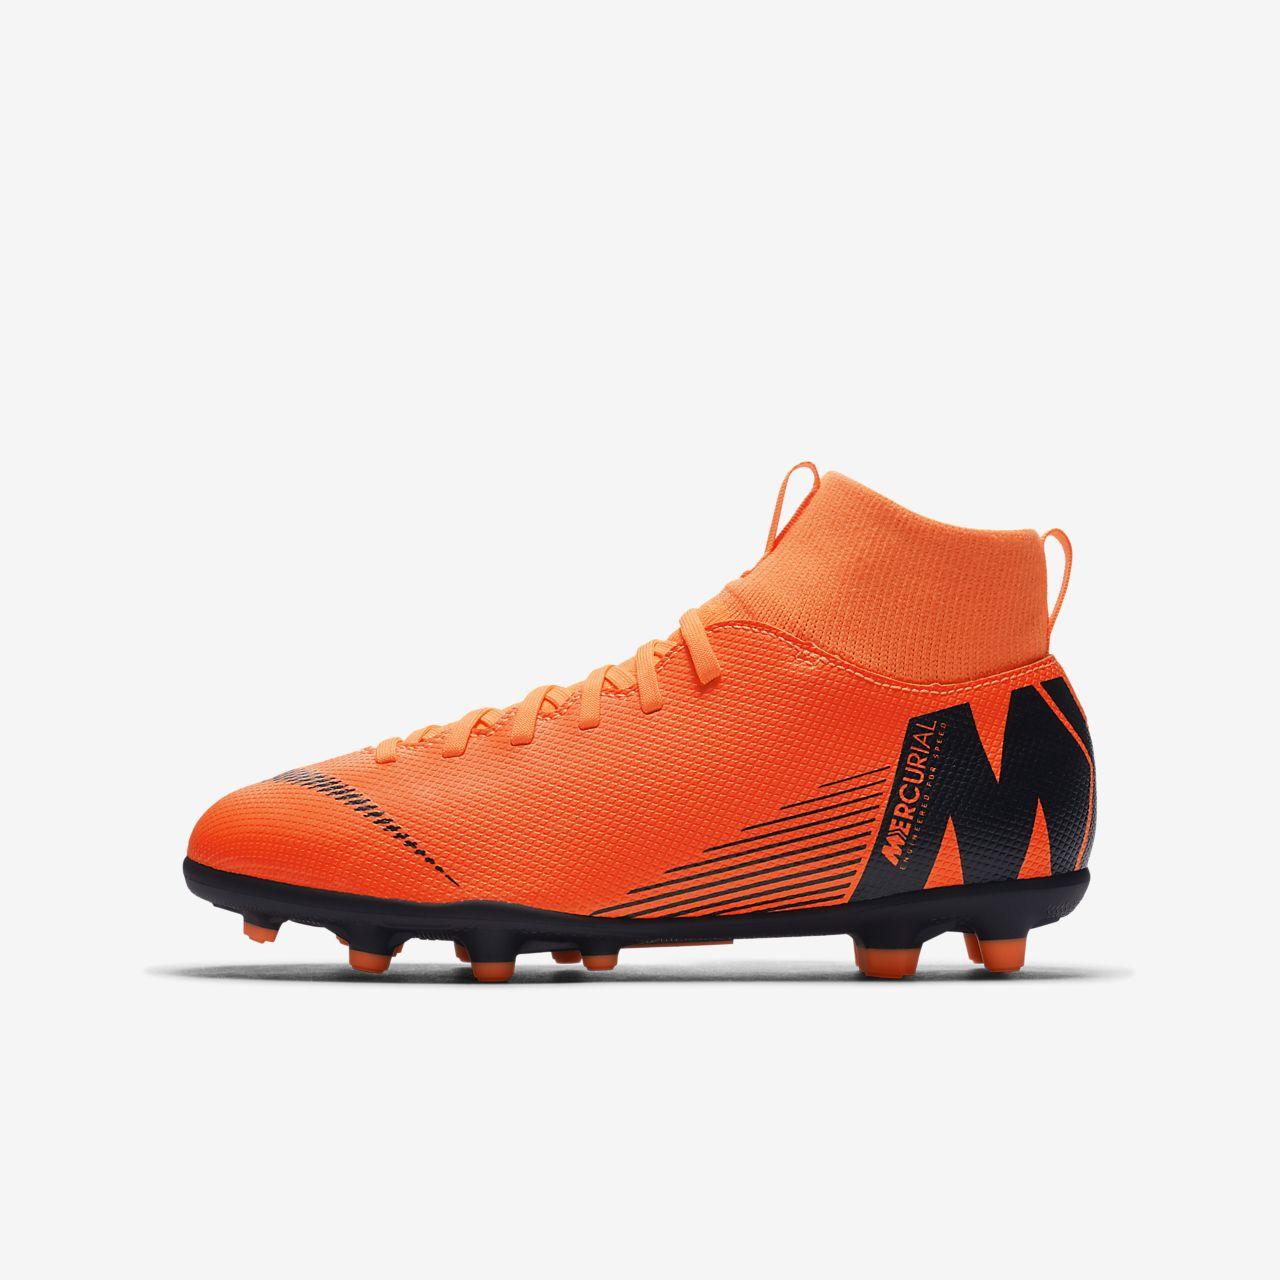 scarpe calcio ragazzo nike cr7